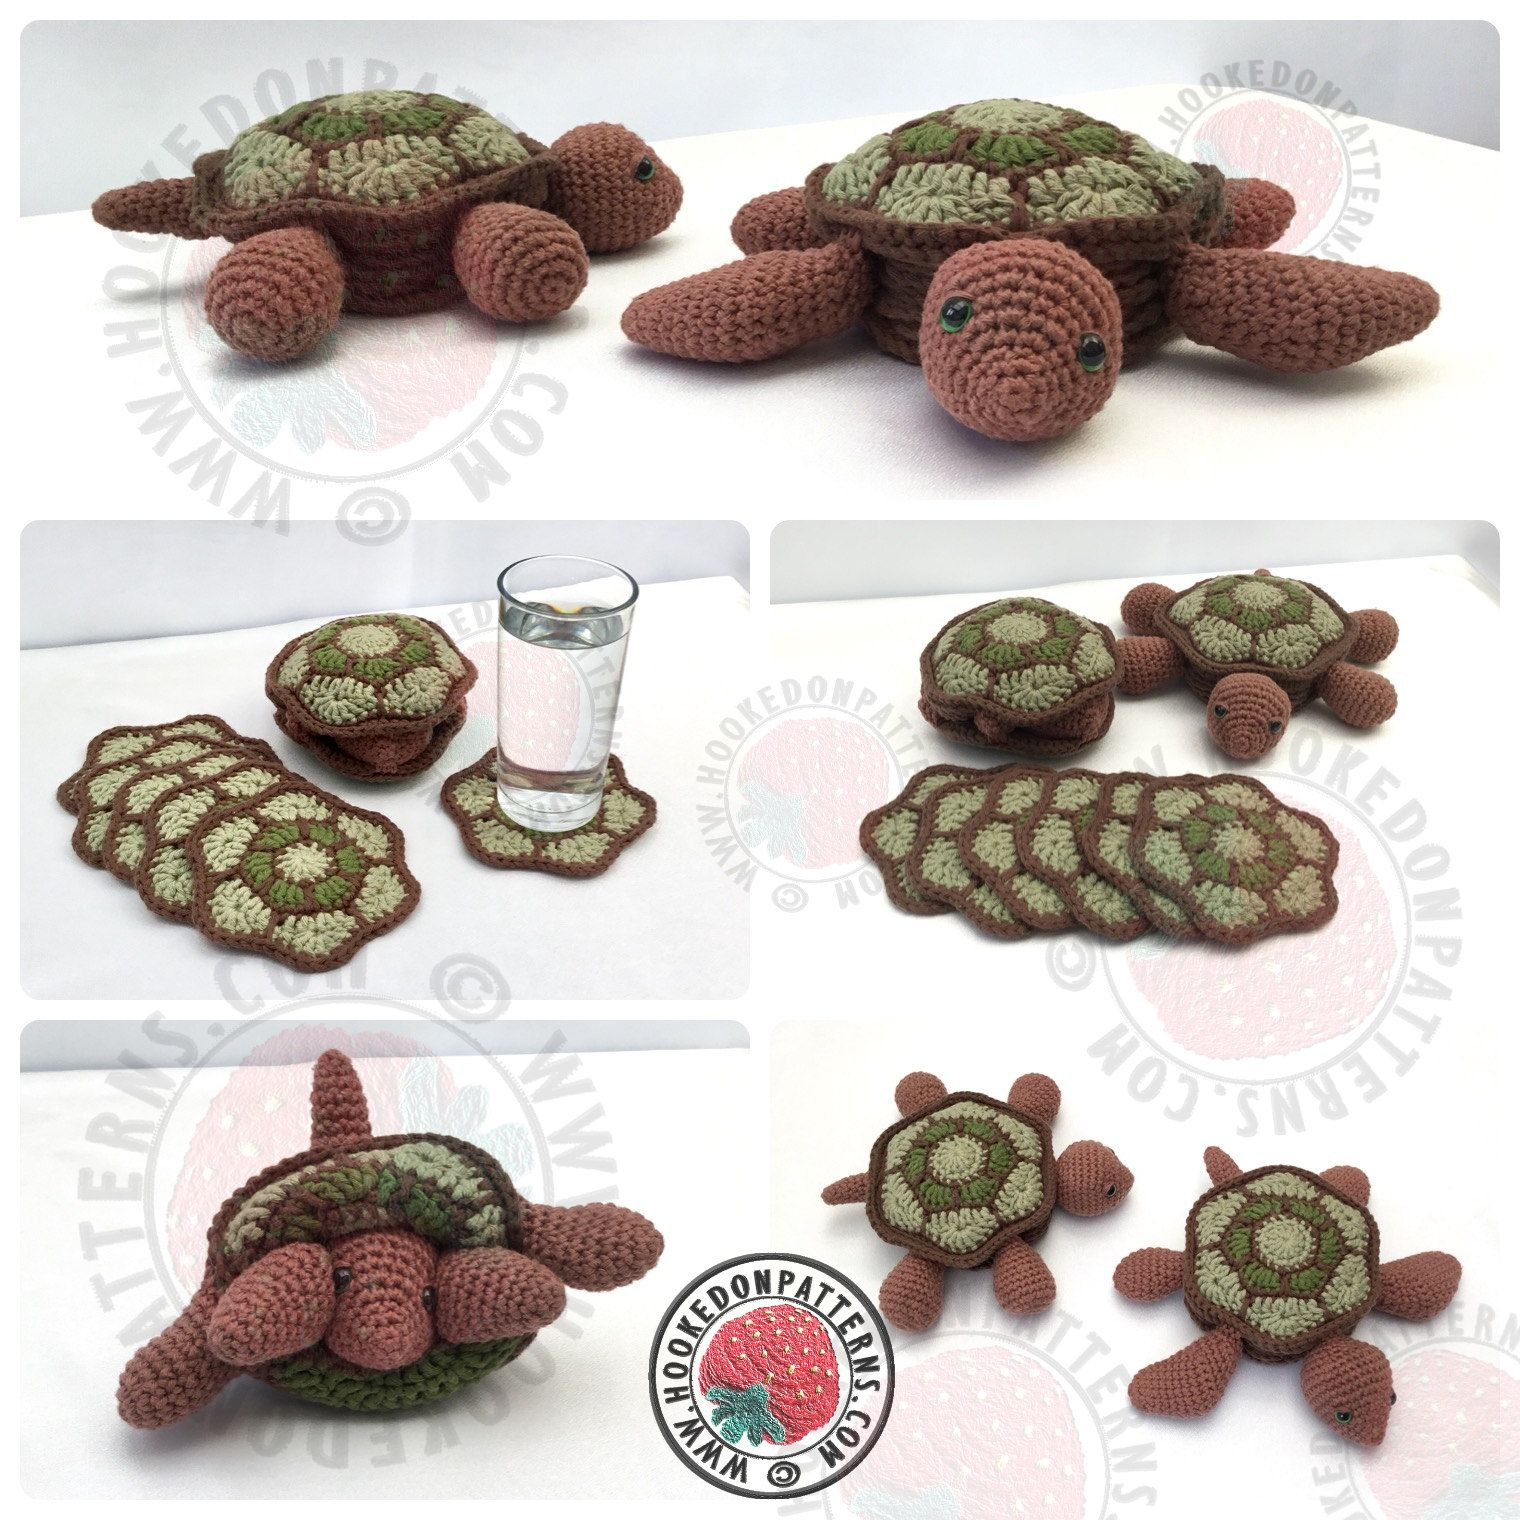 Crochet Turtle Pattern - Coasters